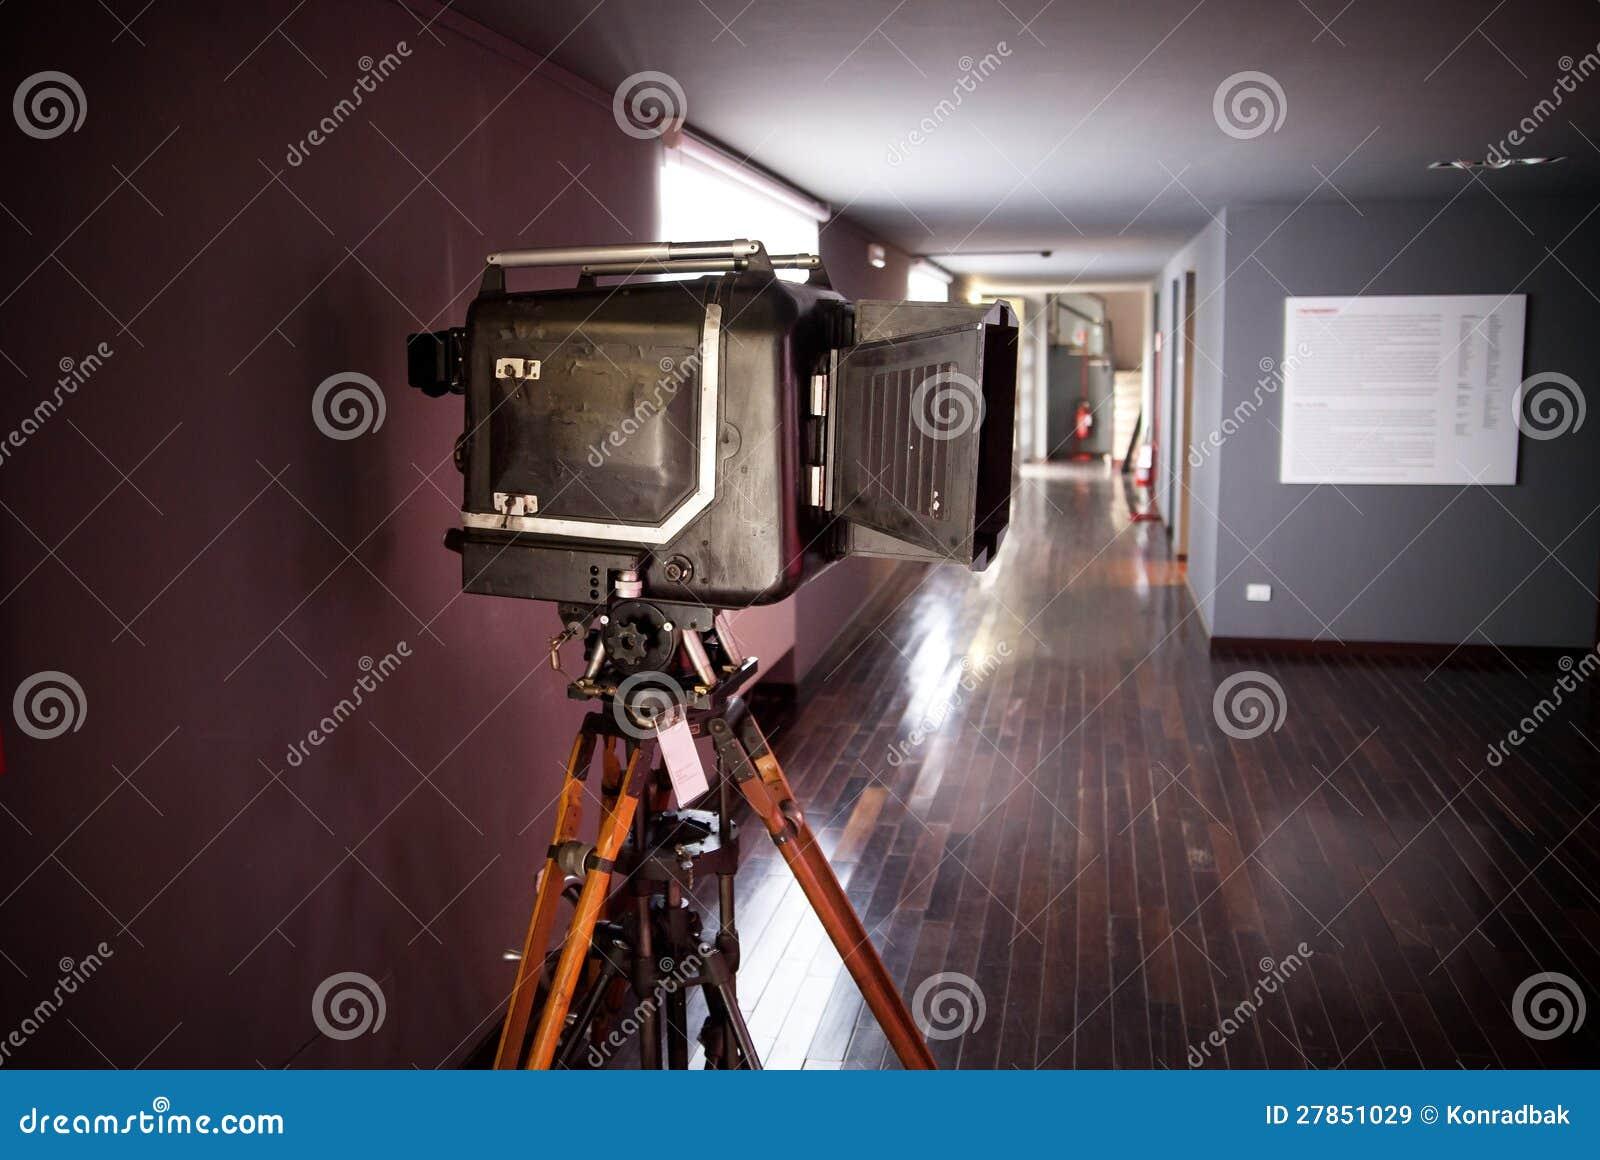 Stara ekranowa kamera muzealny kawałek